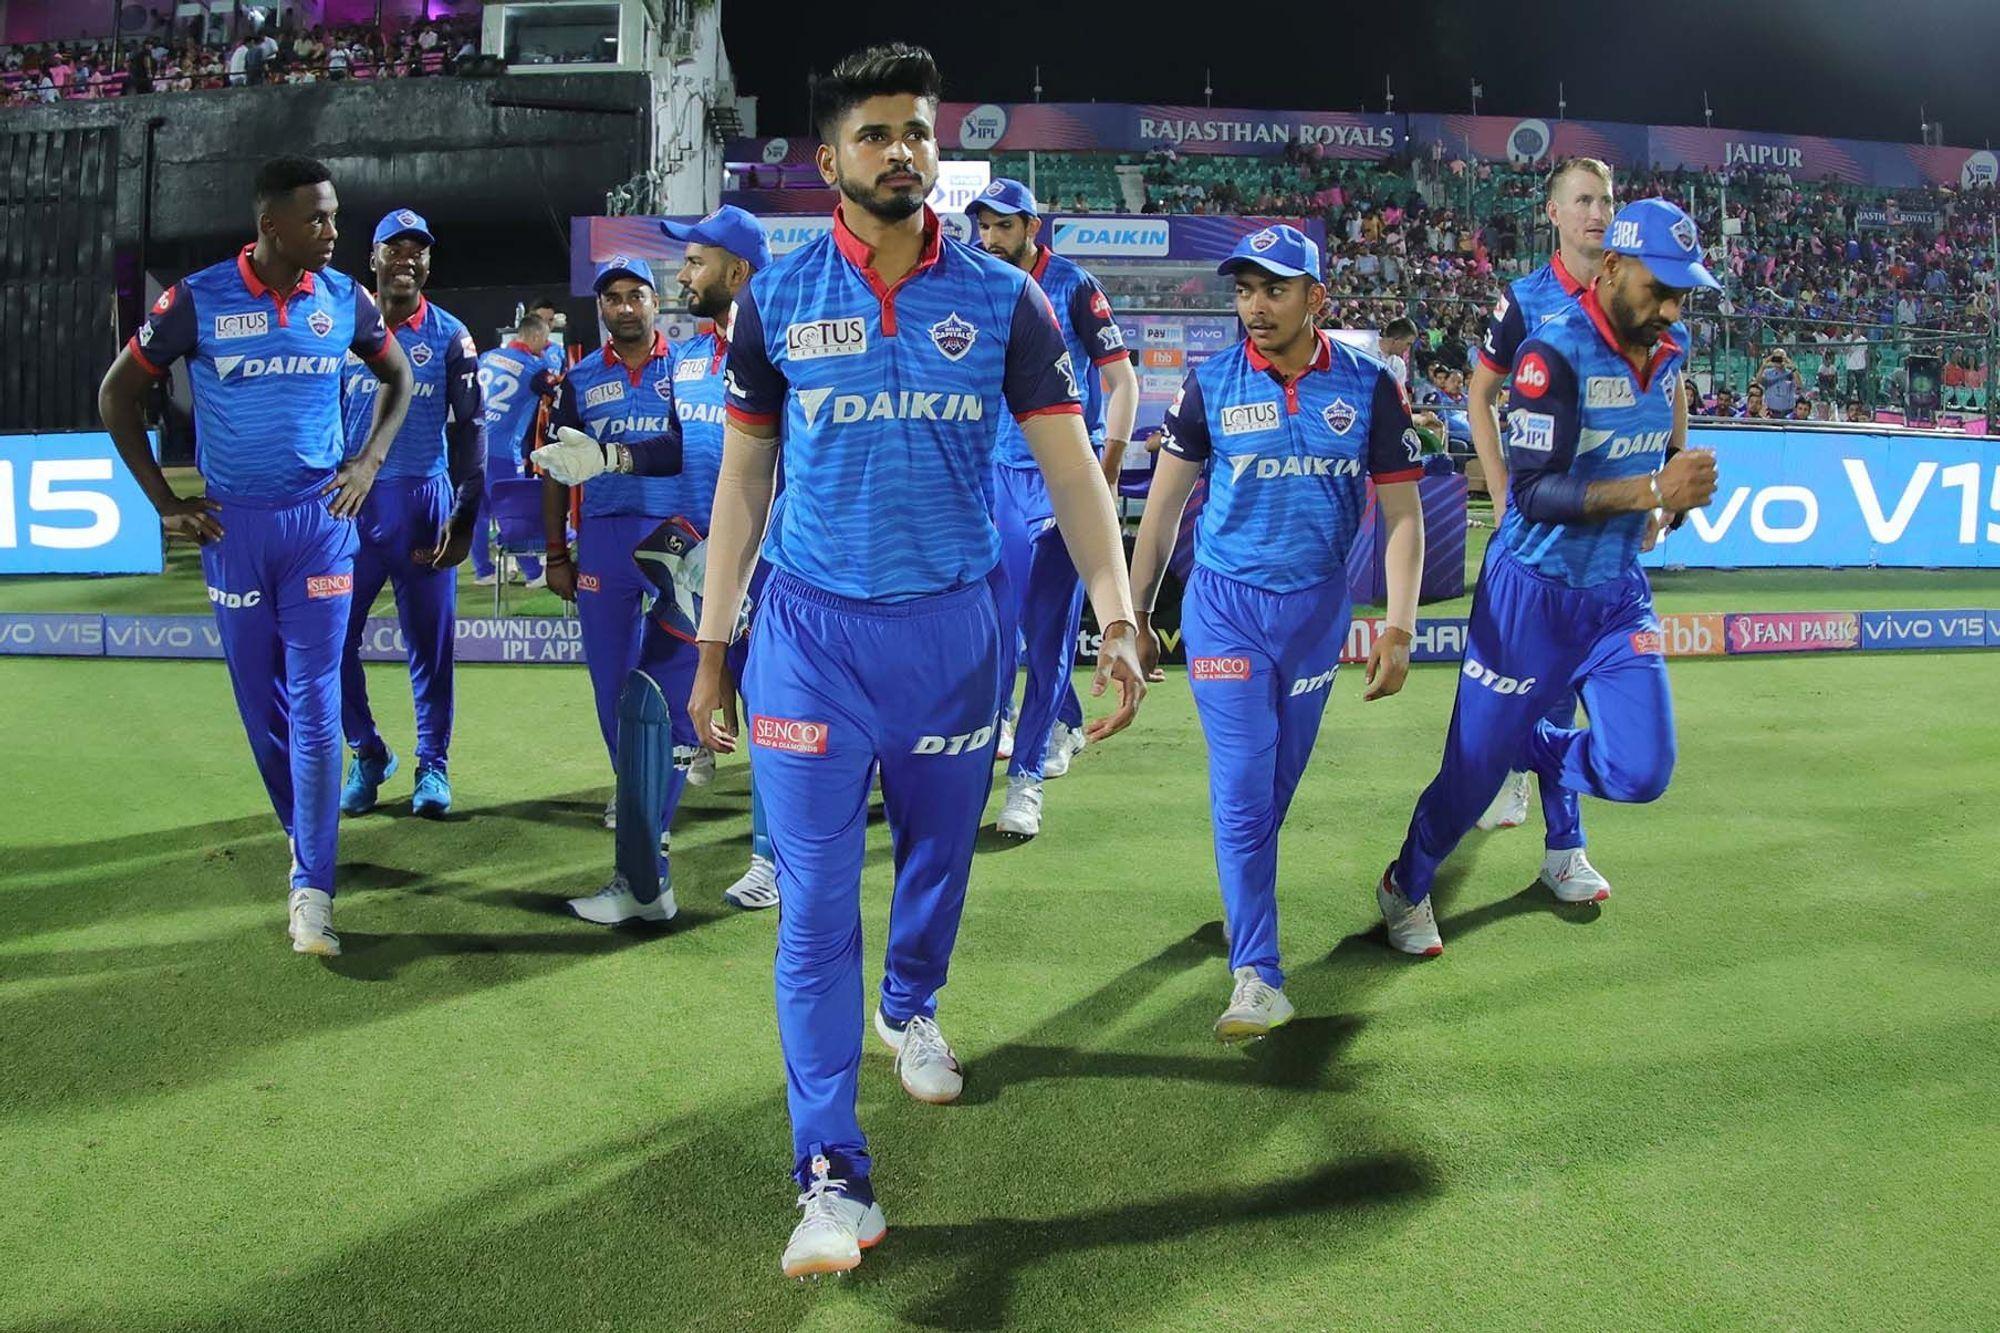 आईपीएल 2019 : दिल्ली कैपिटल्स के सीनियर खिलाड़ी ने गुस्से में खोया अपना आपा, ऋषभ पंत को मारी गेंद! 10